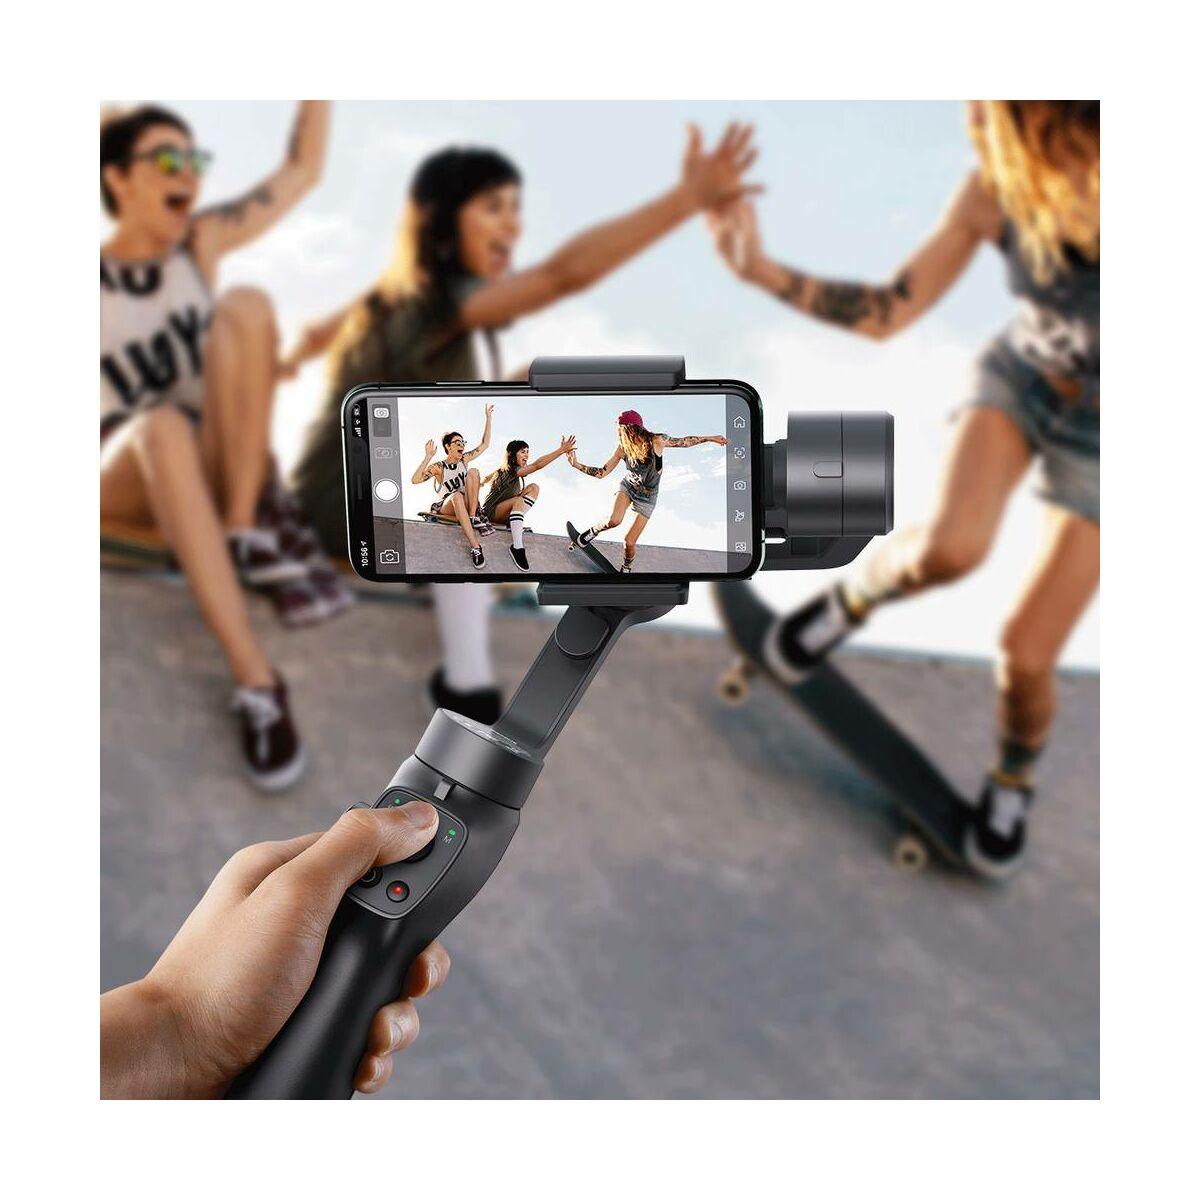 Baseus Kamera, Control kézi képstbilizátor telefonhoz, szürke (SUYT-0G)